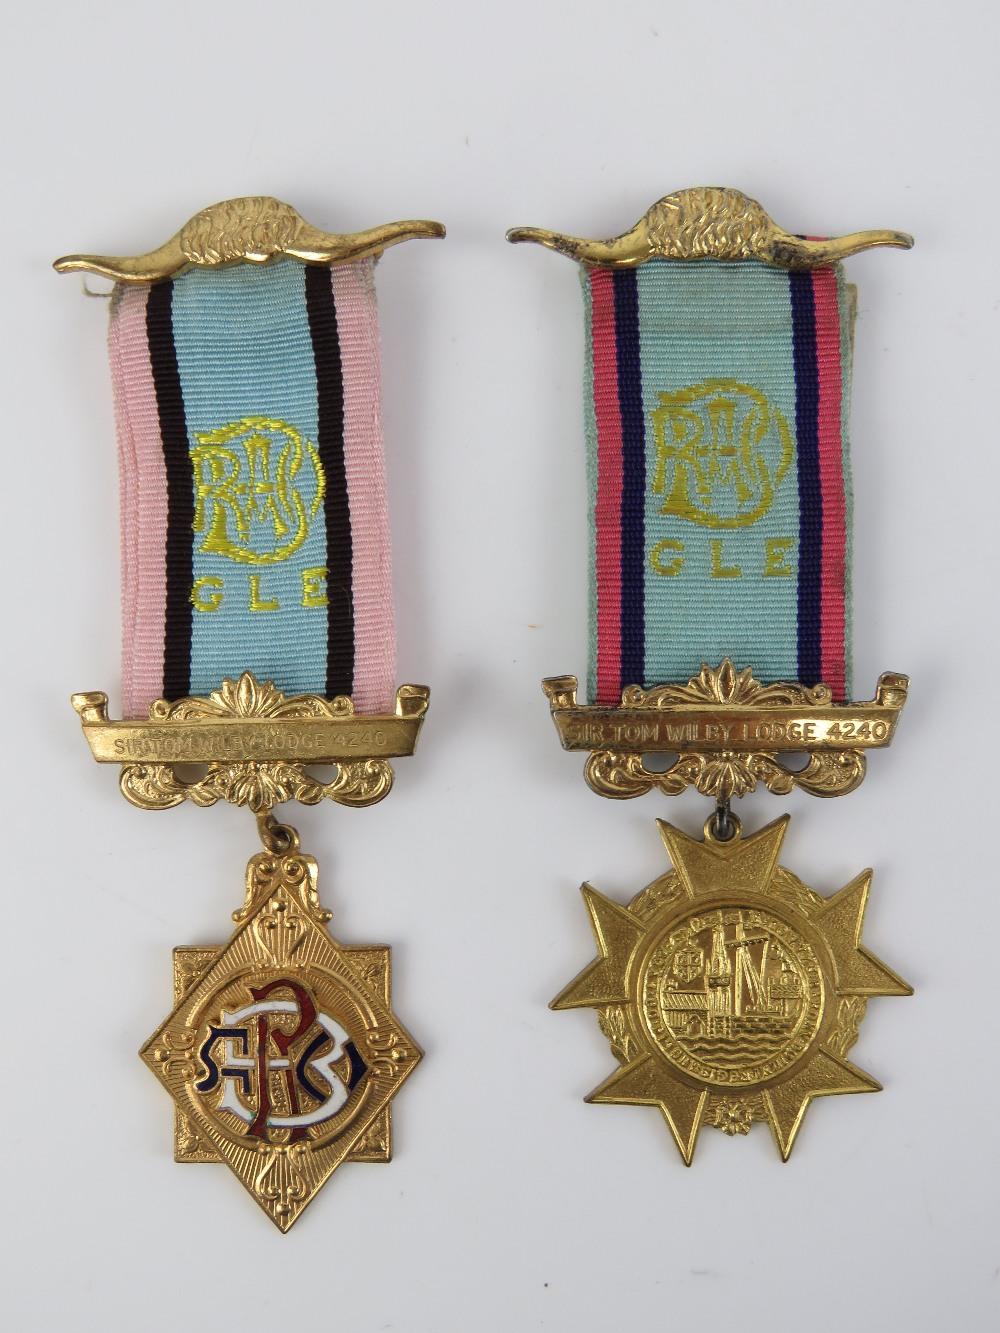 Lot 25 - The Royal Antediluvian Order of Buffaloe